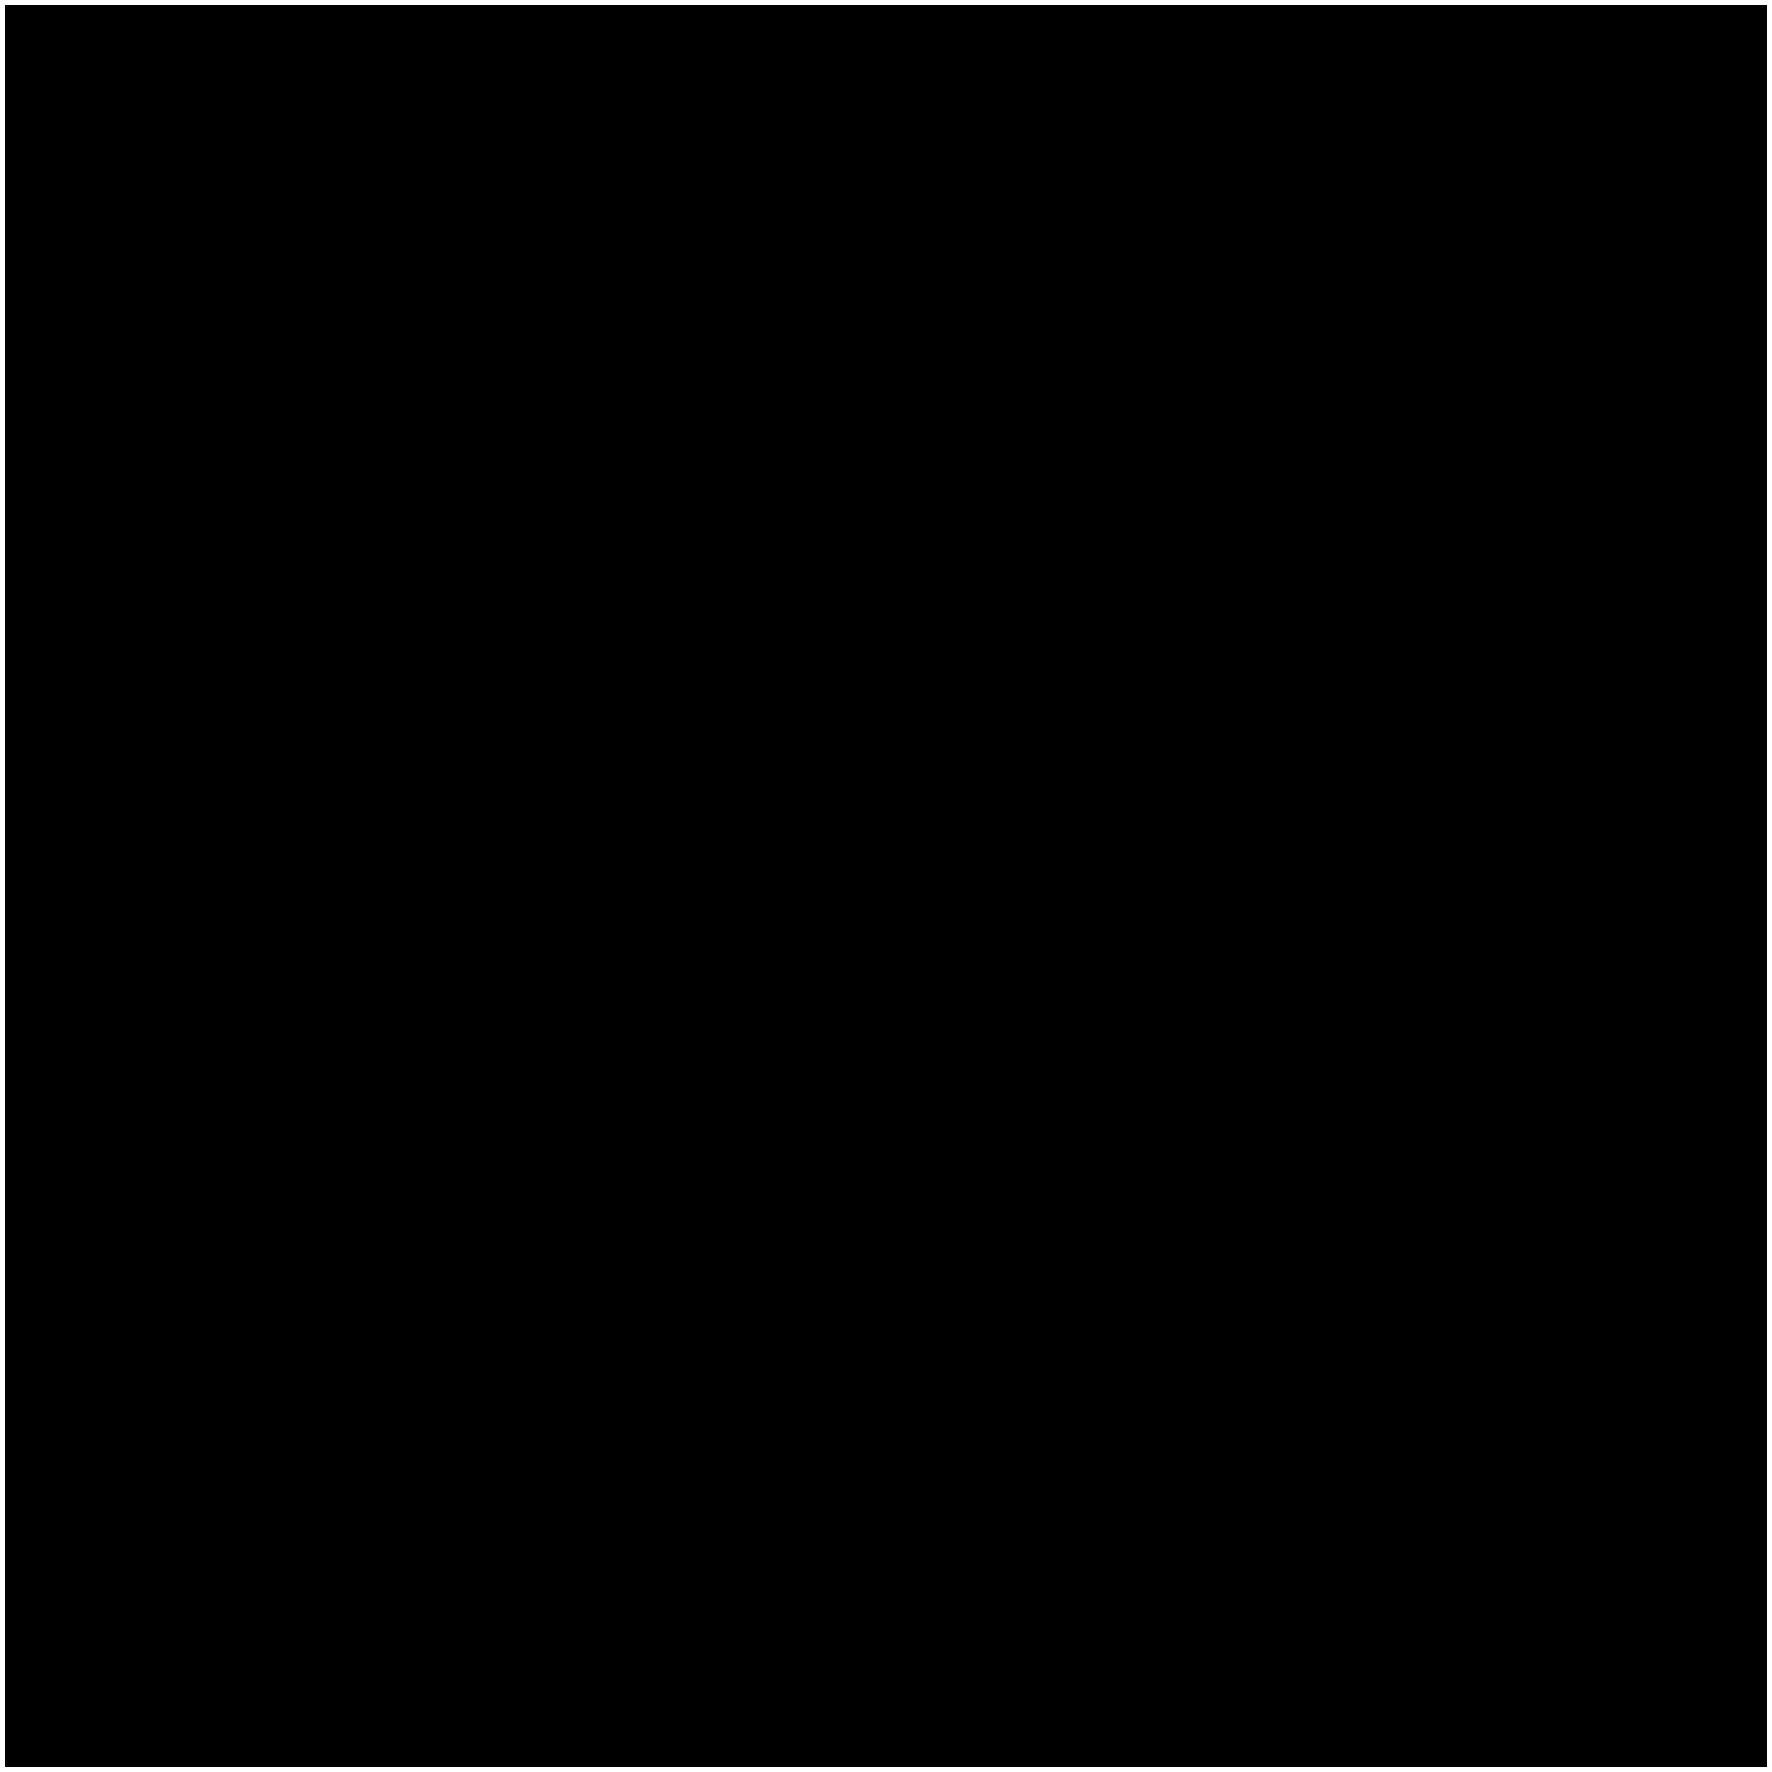 Crni logo bez podloge za slike